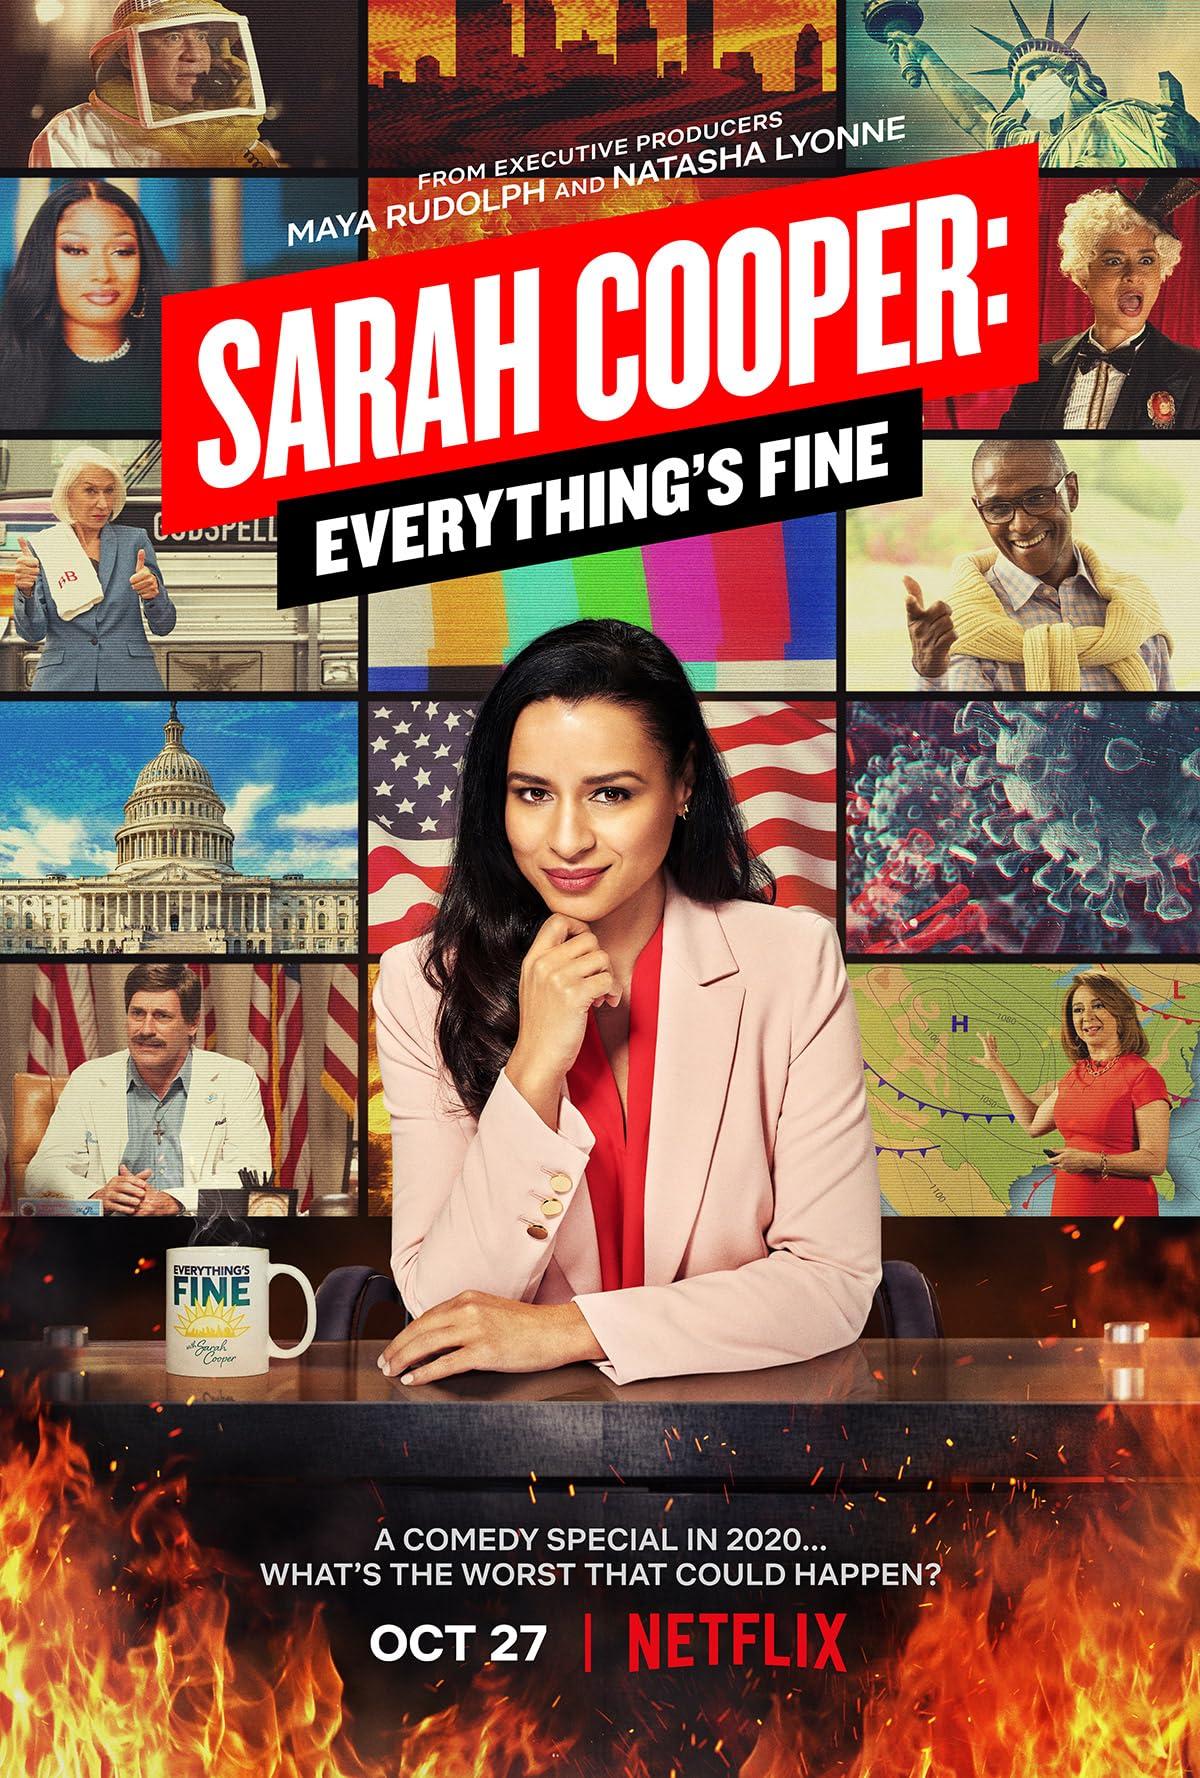 莎拉·古柏:天下太平 | awwrated | 你的 Netflix 避雷好幫手!